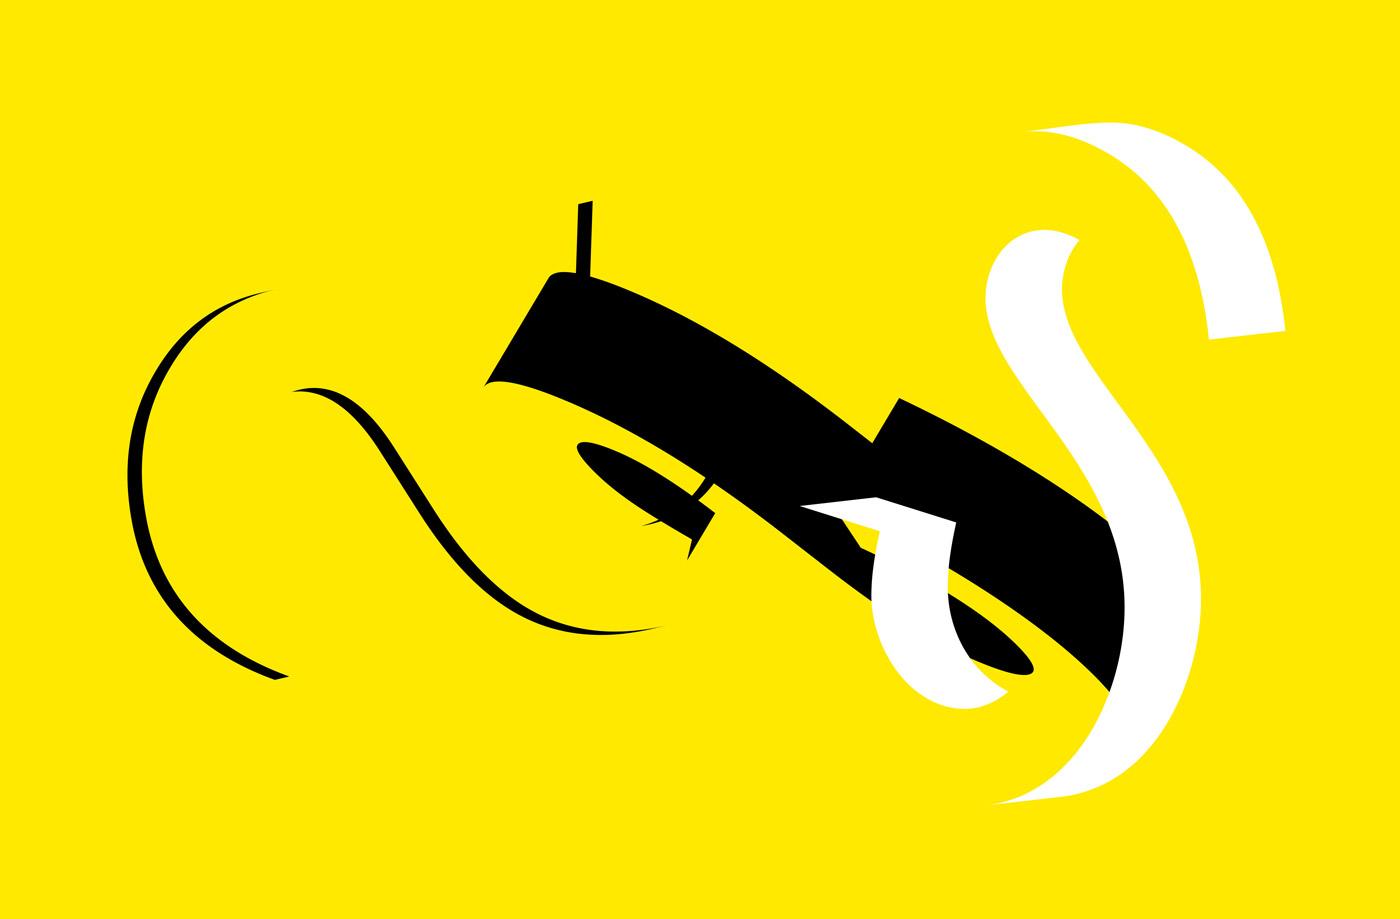 Design_s-BVD-14.jpg